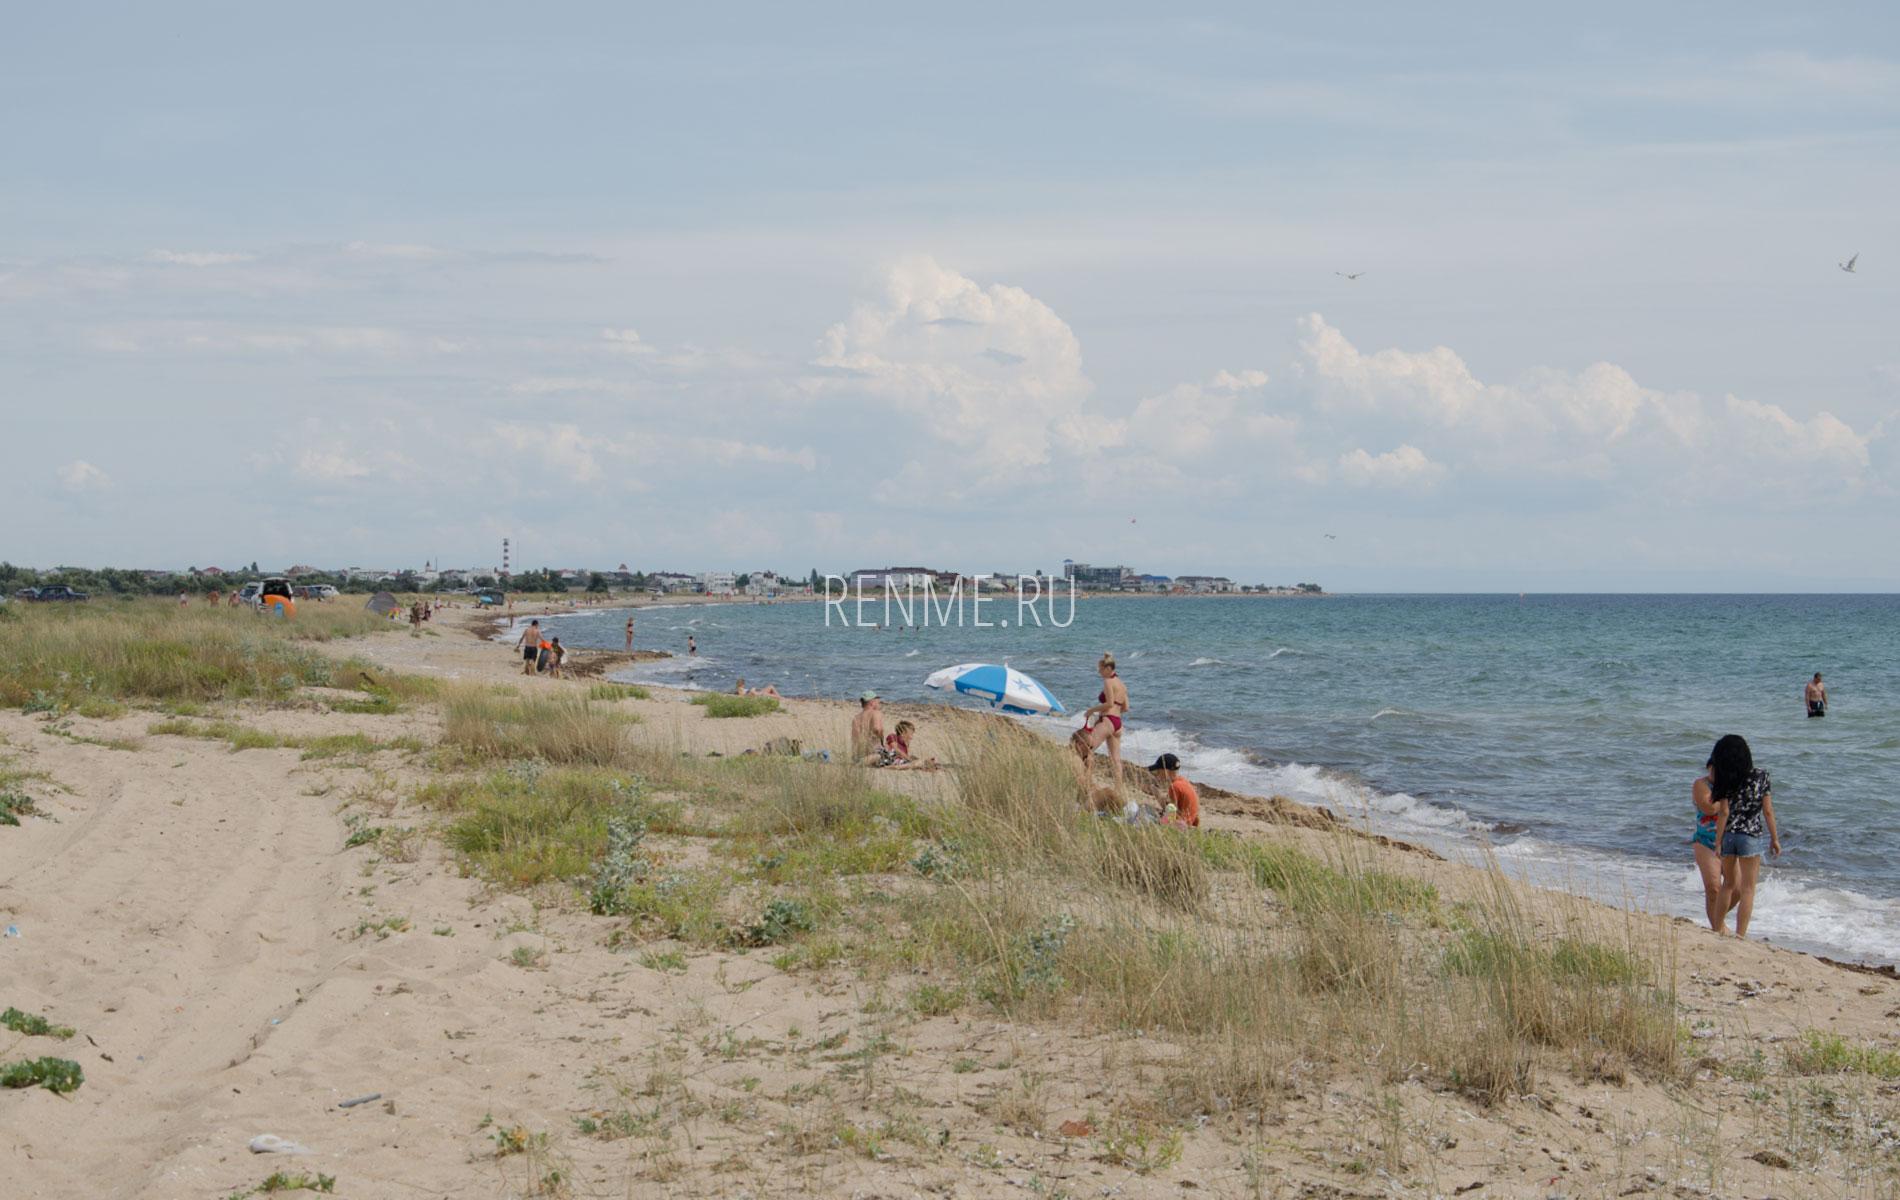 Очень дикий пляж. Фото Заозёрного